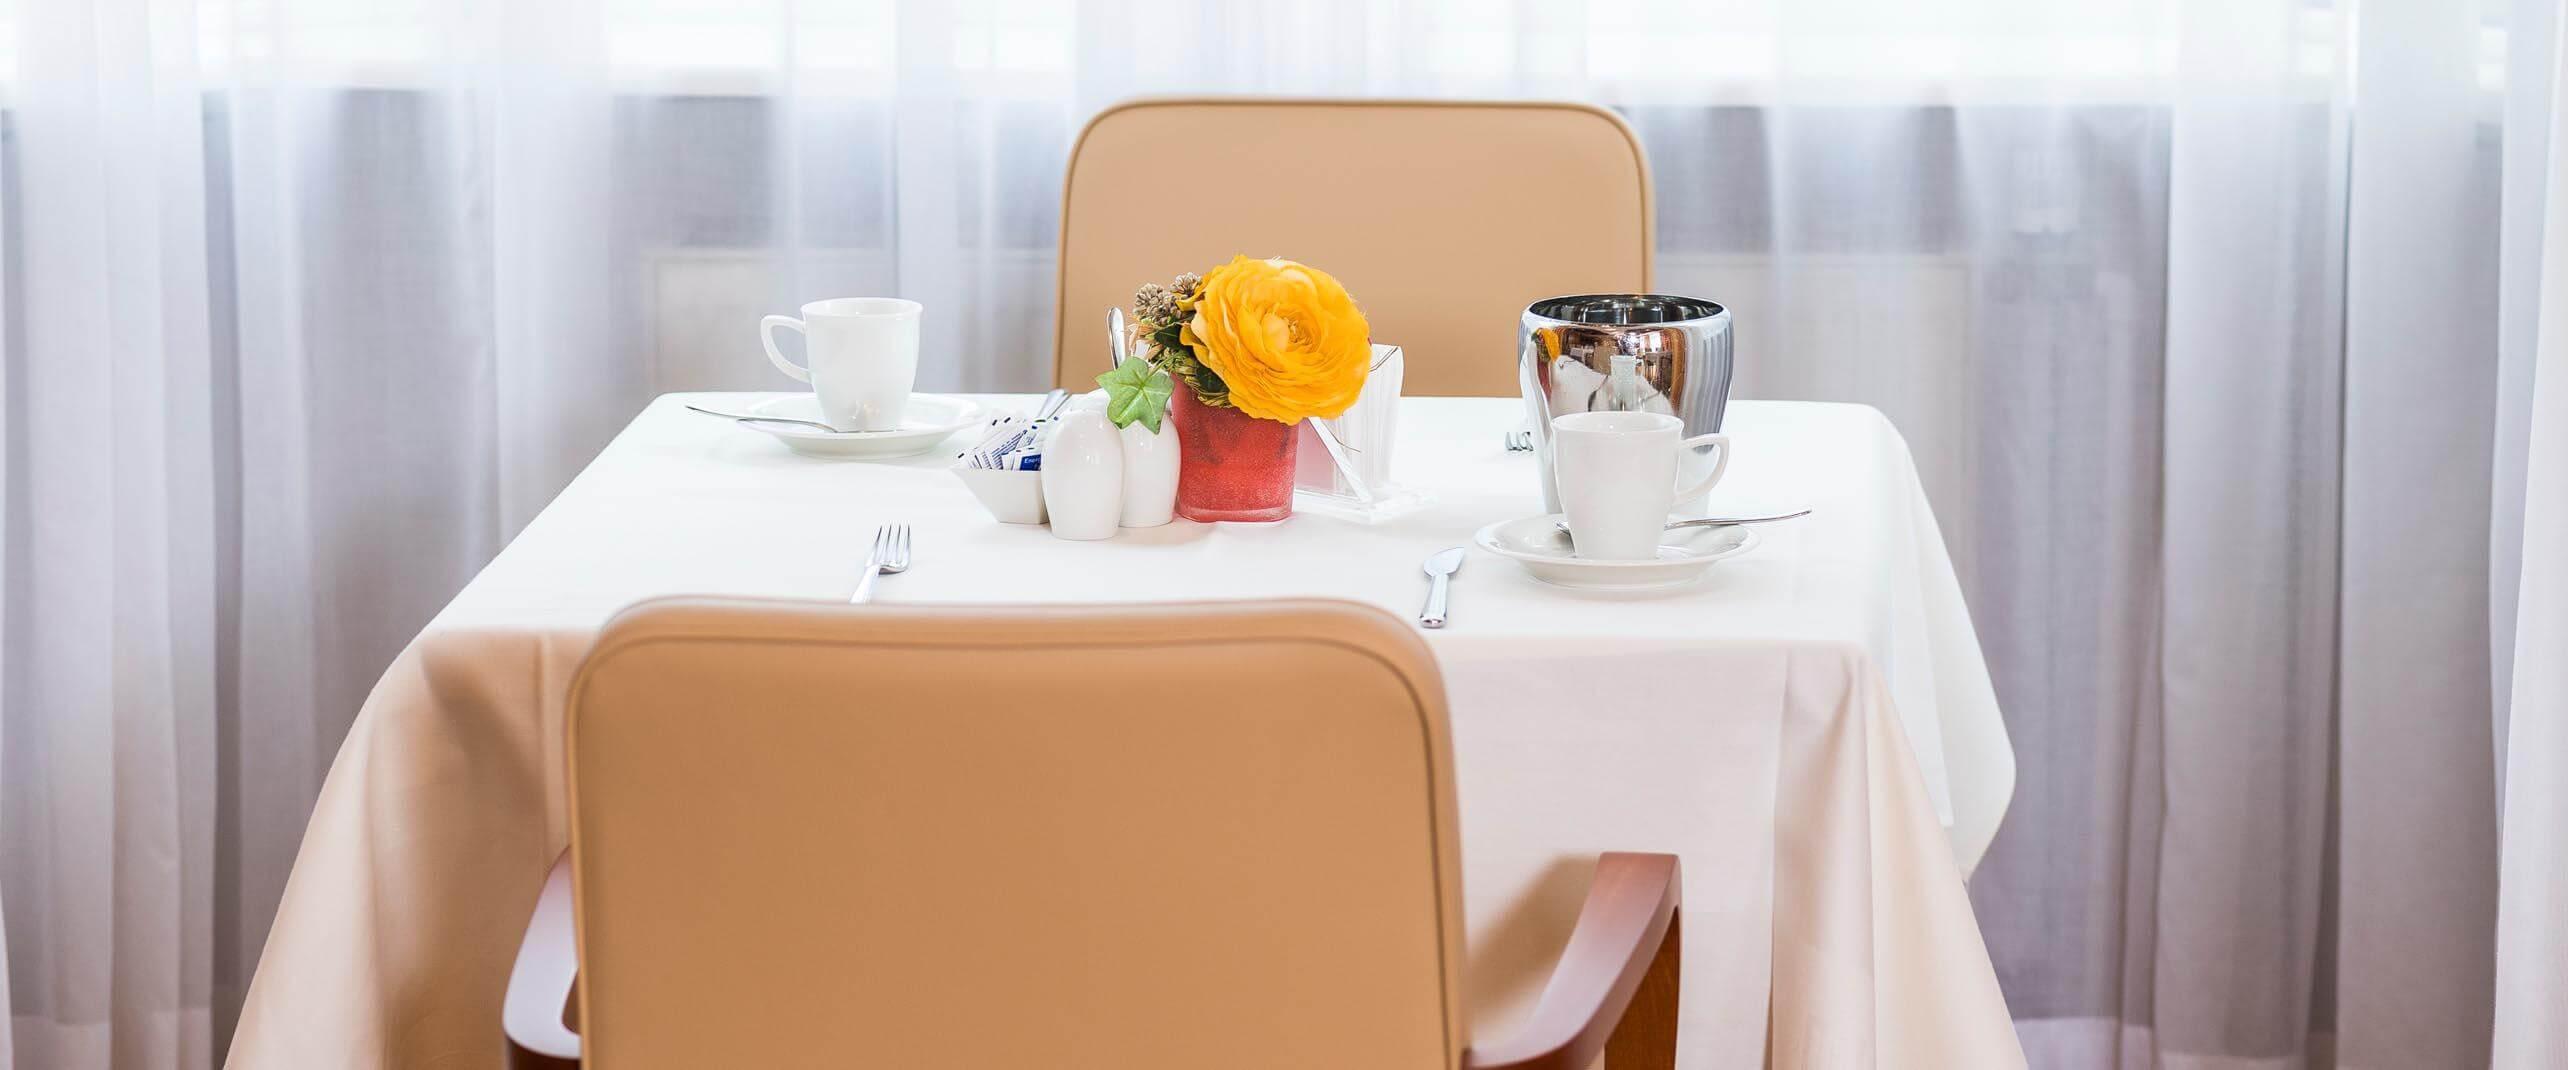 Tisch im Speisesaal der MEDIAN Privatklinik Berggarten Deidesheim